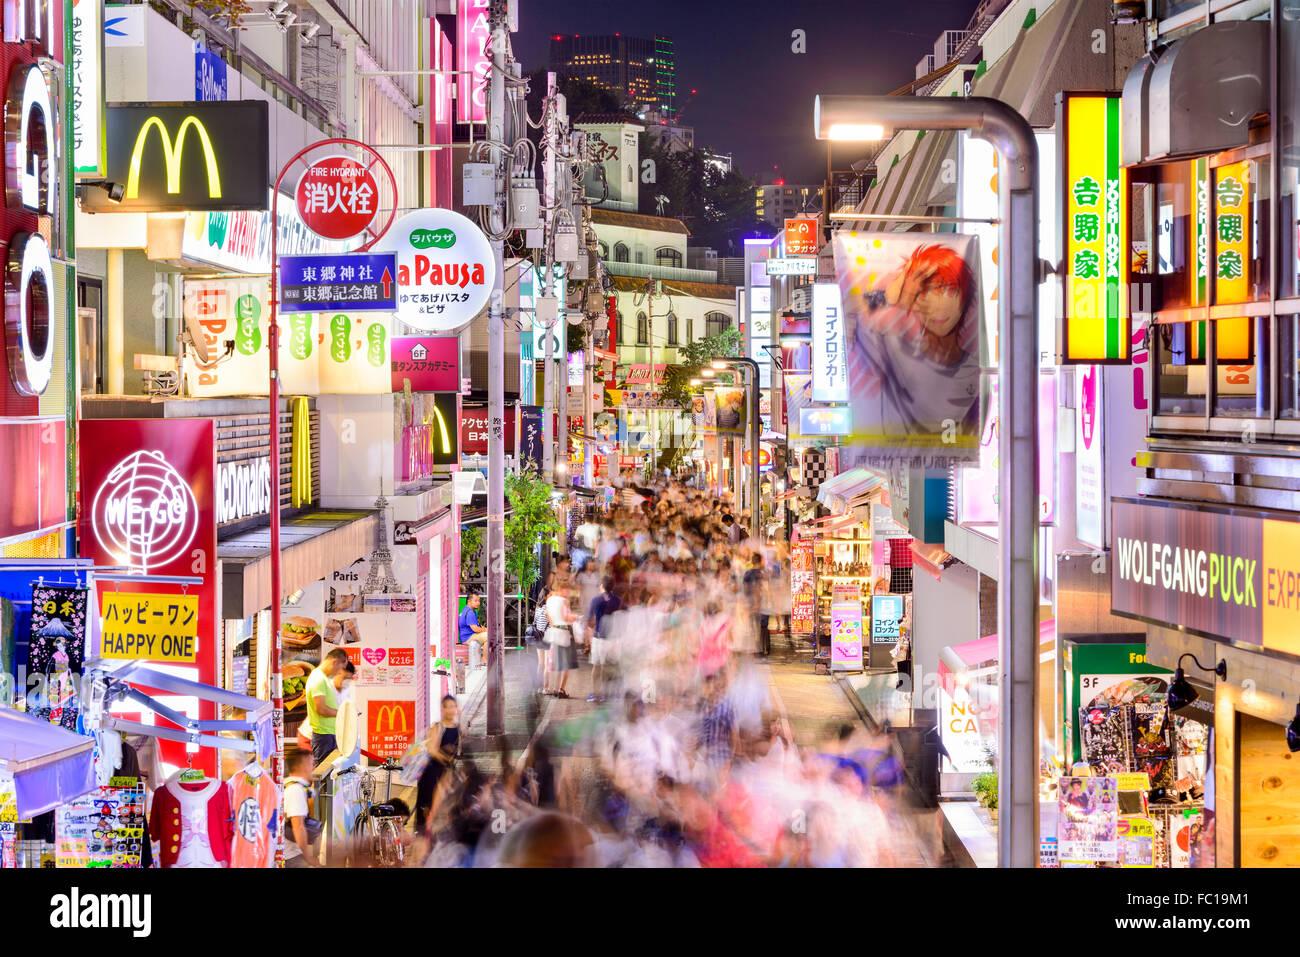 Crowds walk through Takeshita Street in the Harajuku district at night in Tokyo, Japan. - Stock Image